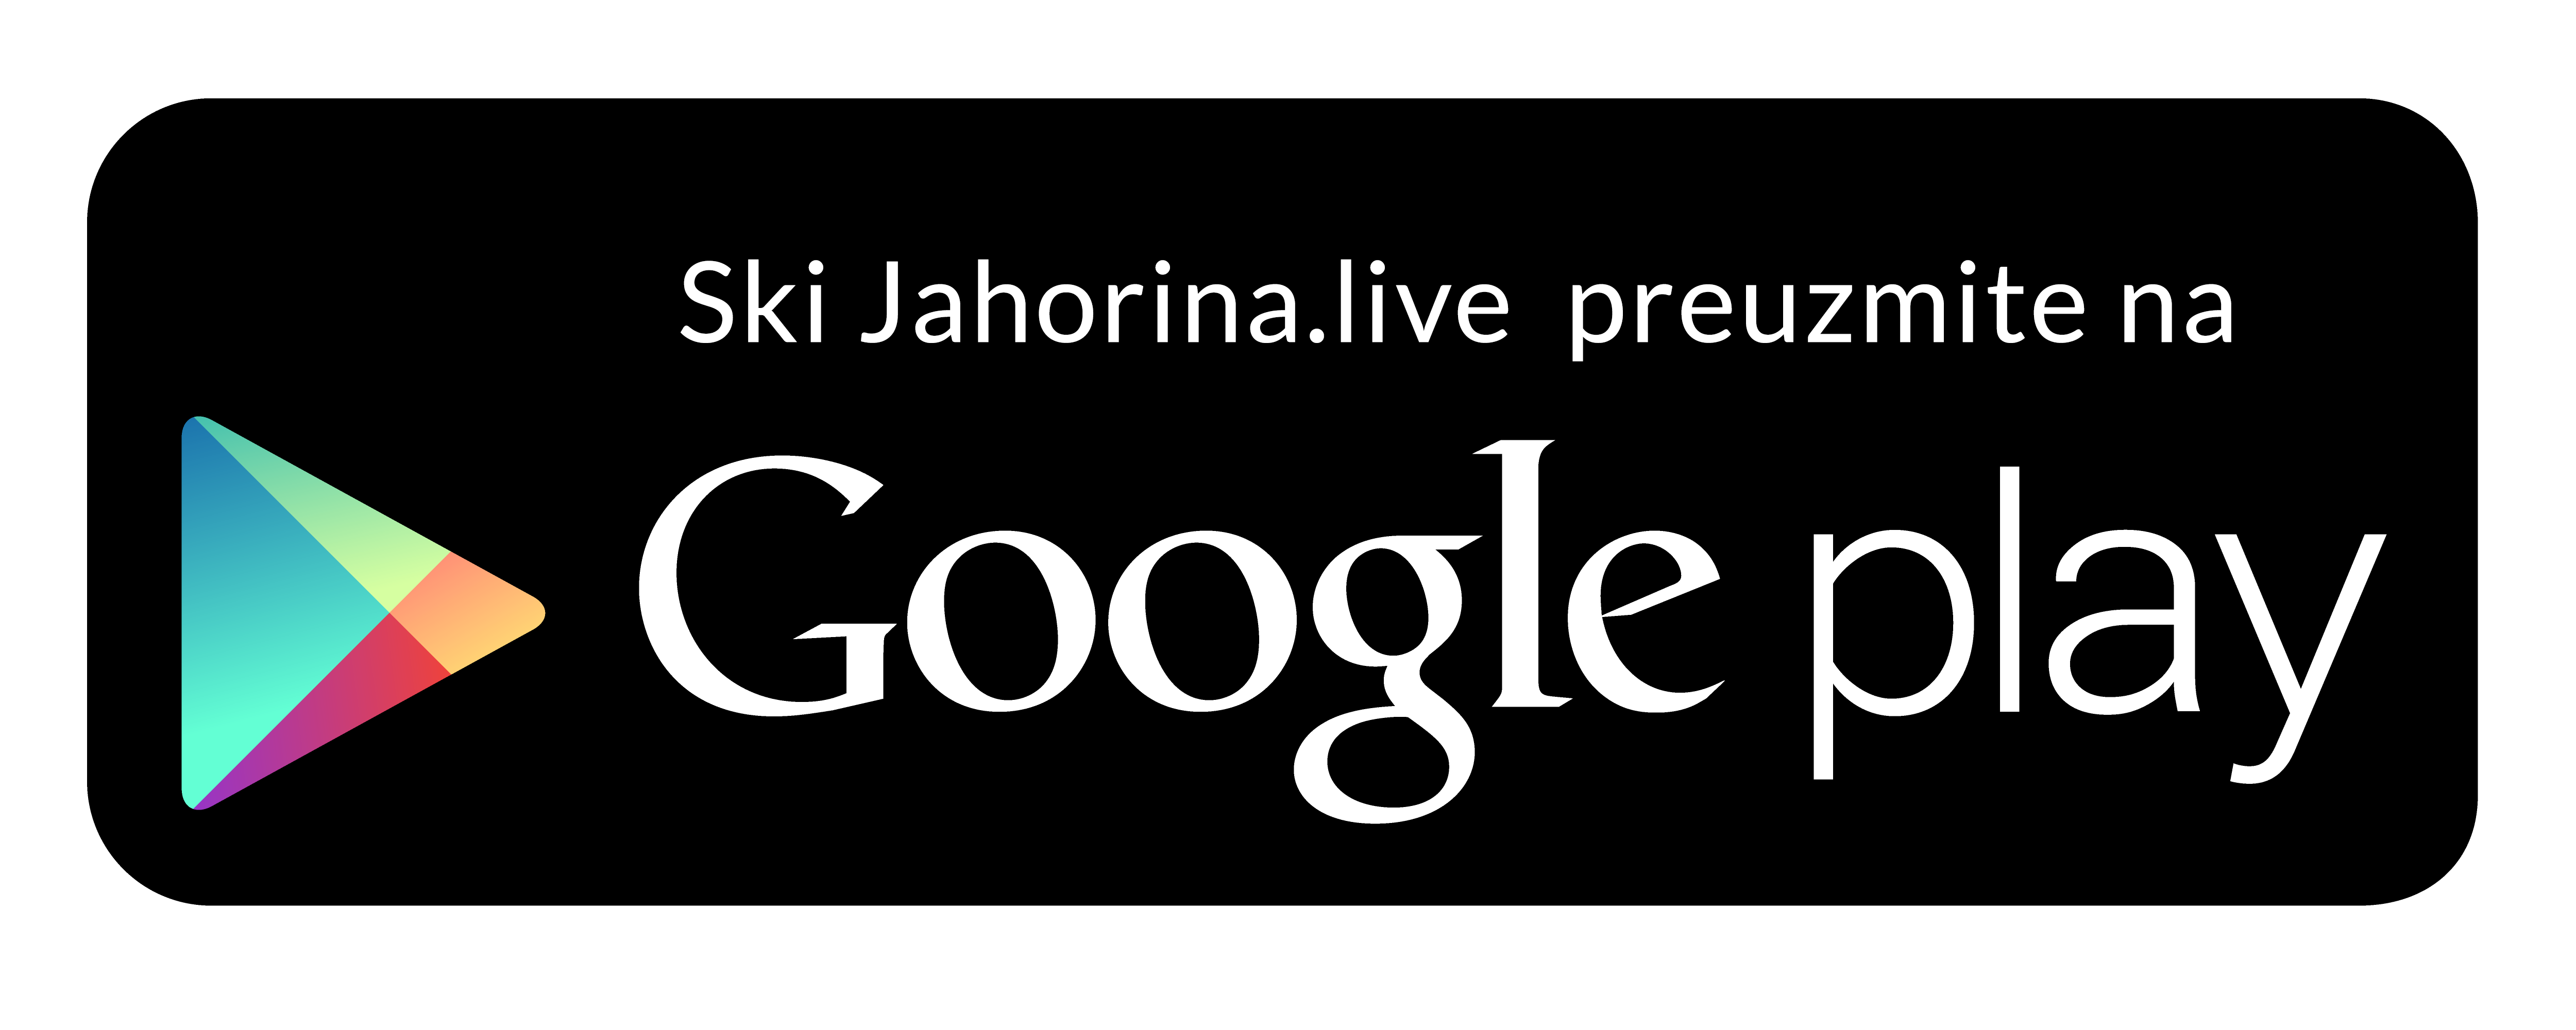 Preuzmite Ski Jahorina.live android aplikaciju